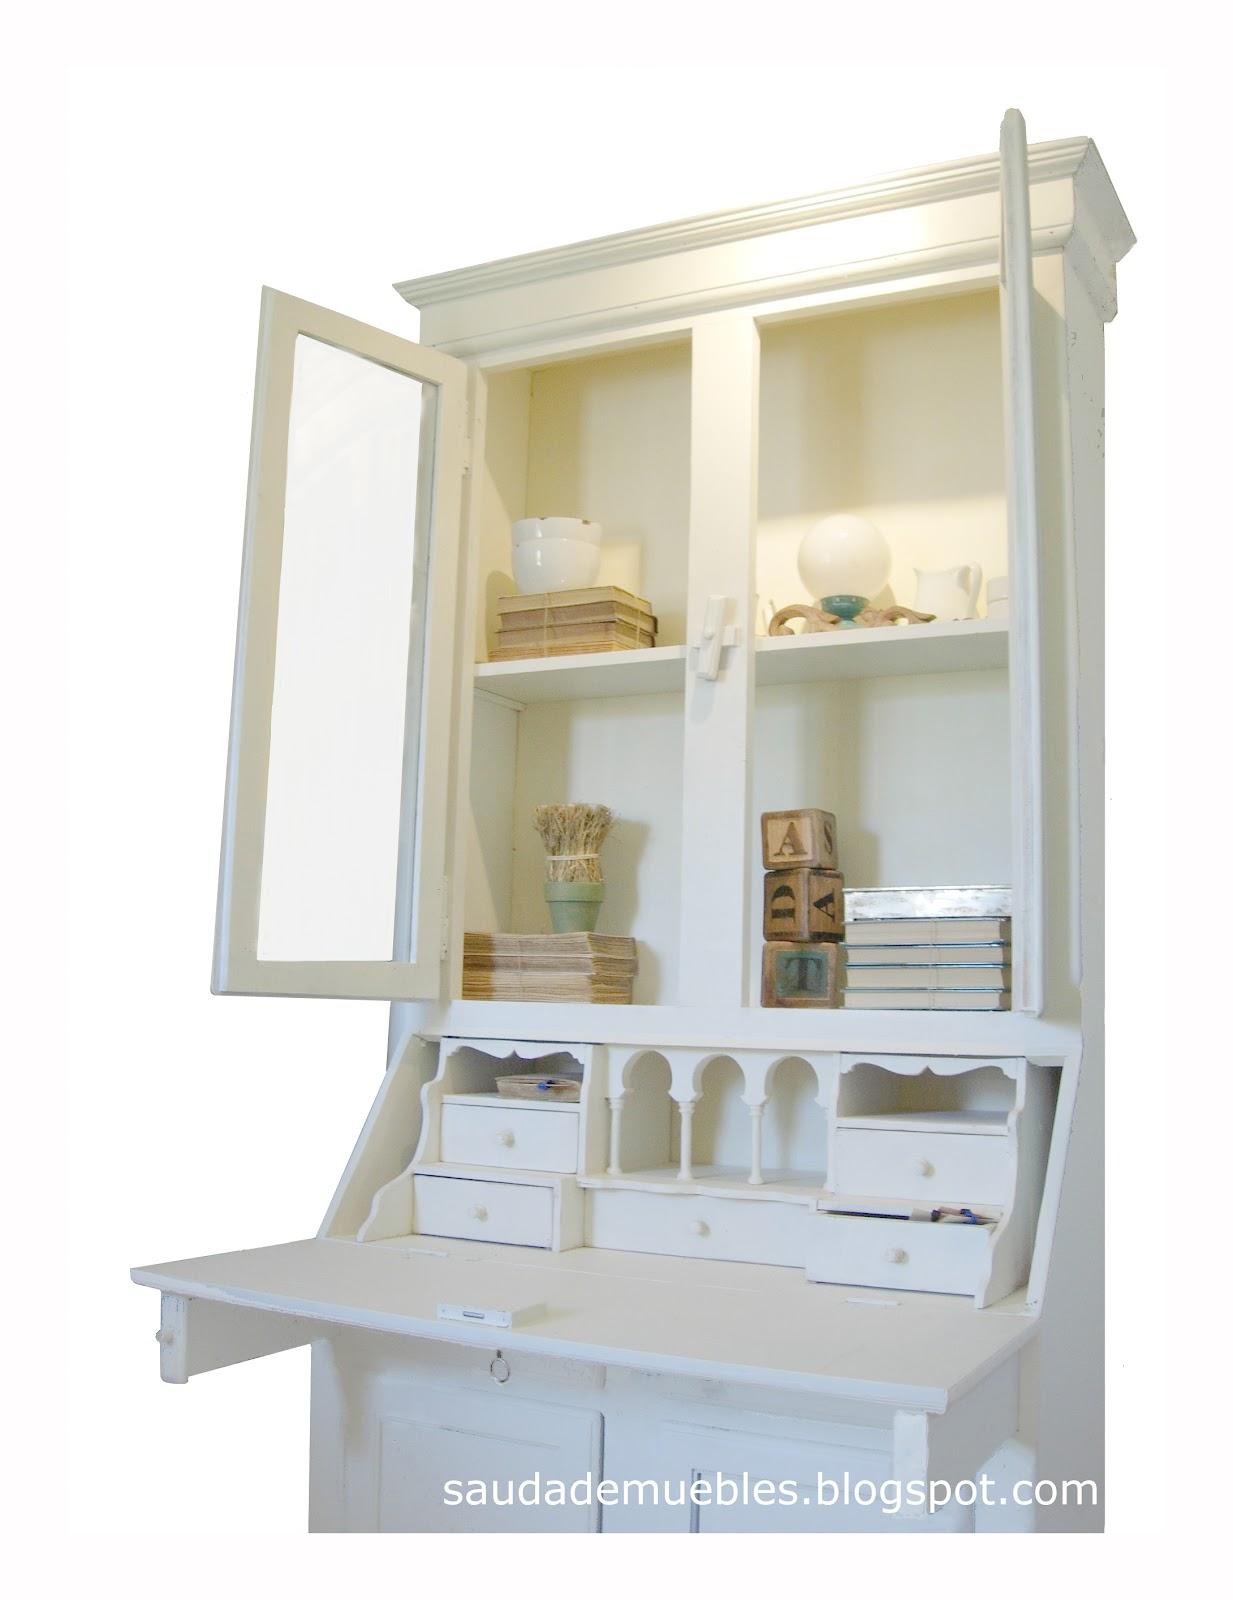 Muebles de dise o en sevilla - Muebles modernos de diseno ...